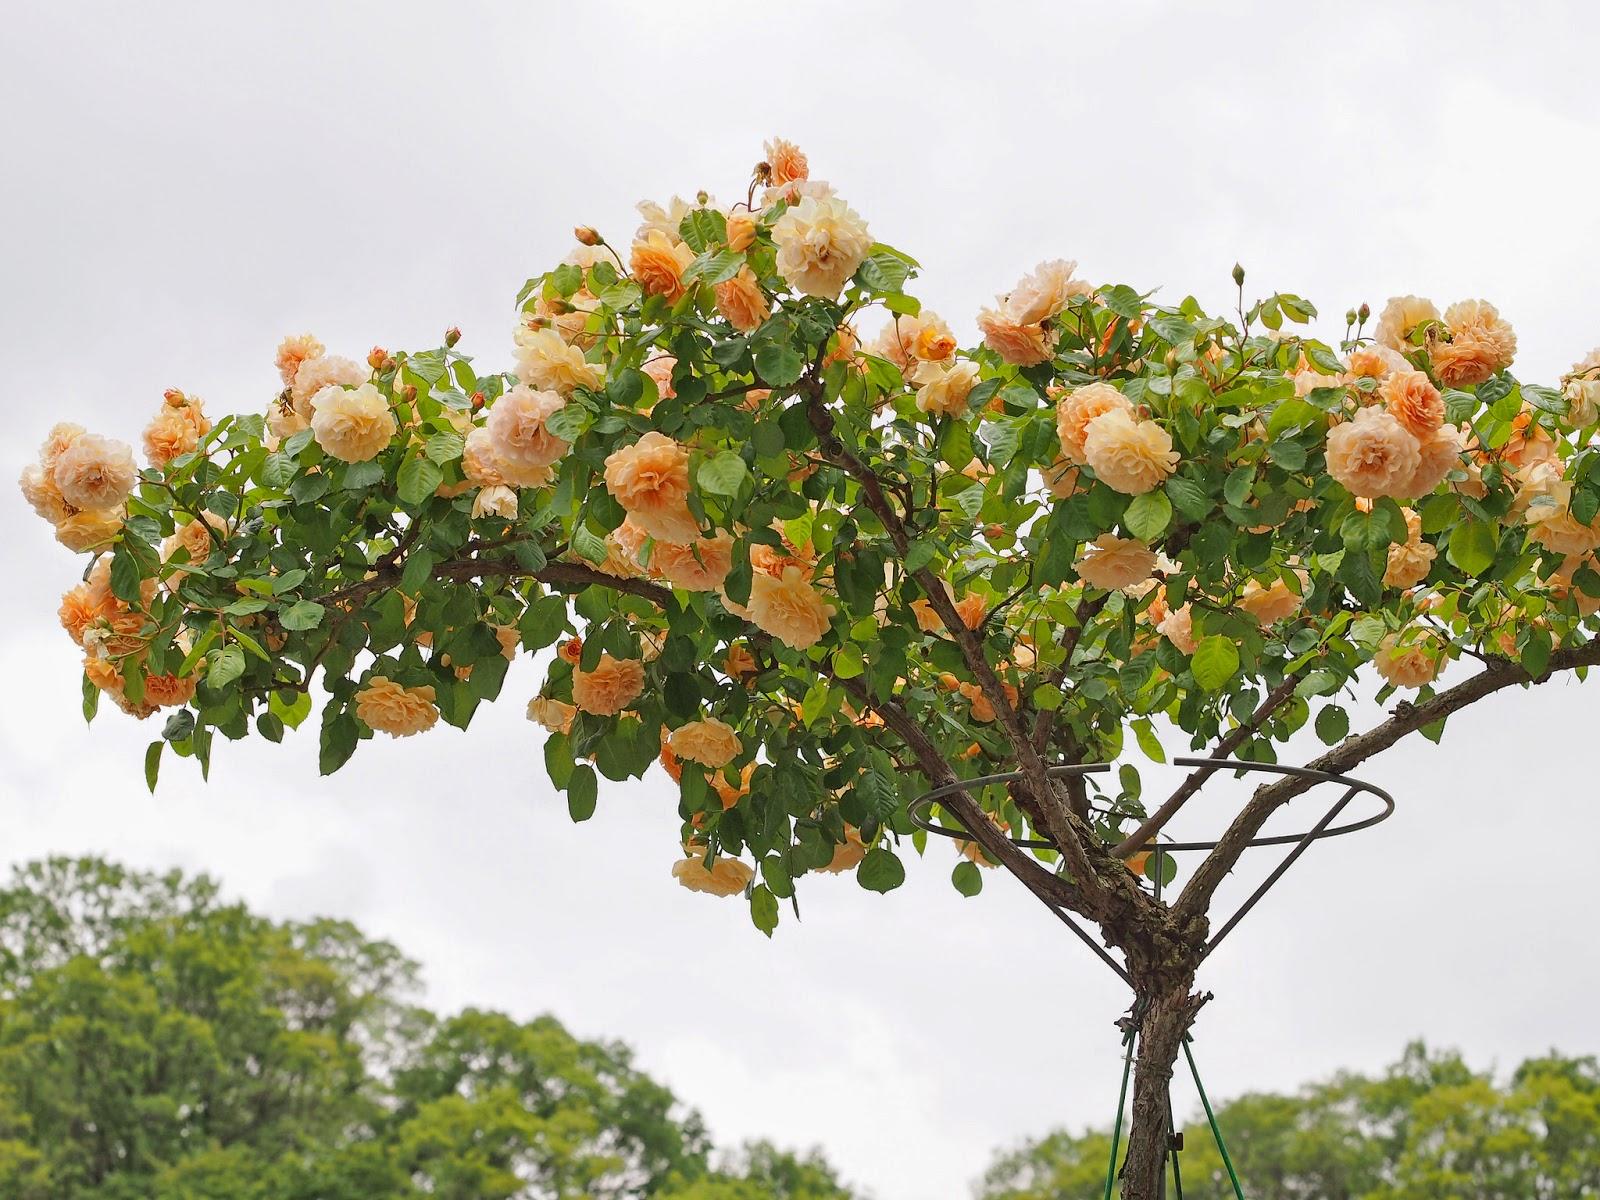 Jardines que me gustan arboles de rosas - Arboles jardin ...